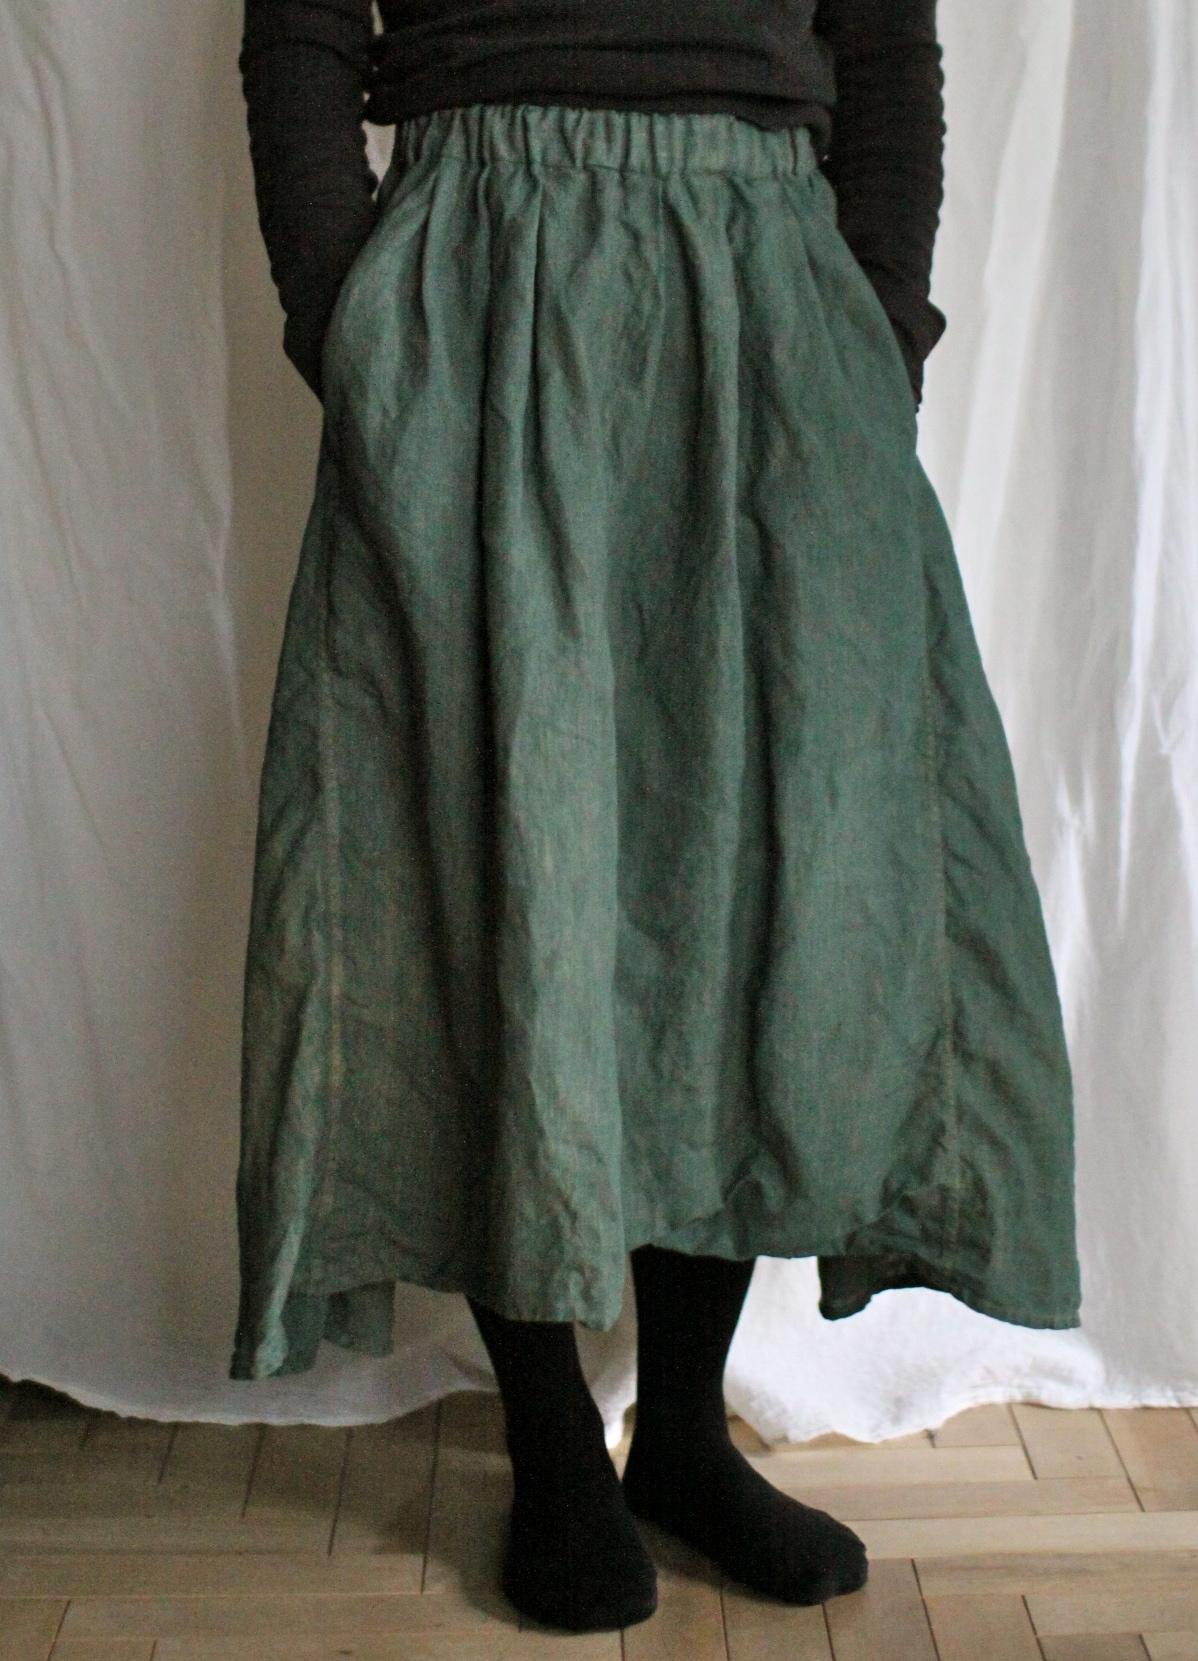 草木染め グリーン 藍 ザクロ 染め 藍染め リネンスカート indigo dyed linen skirt